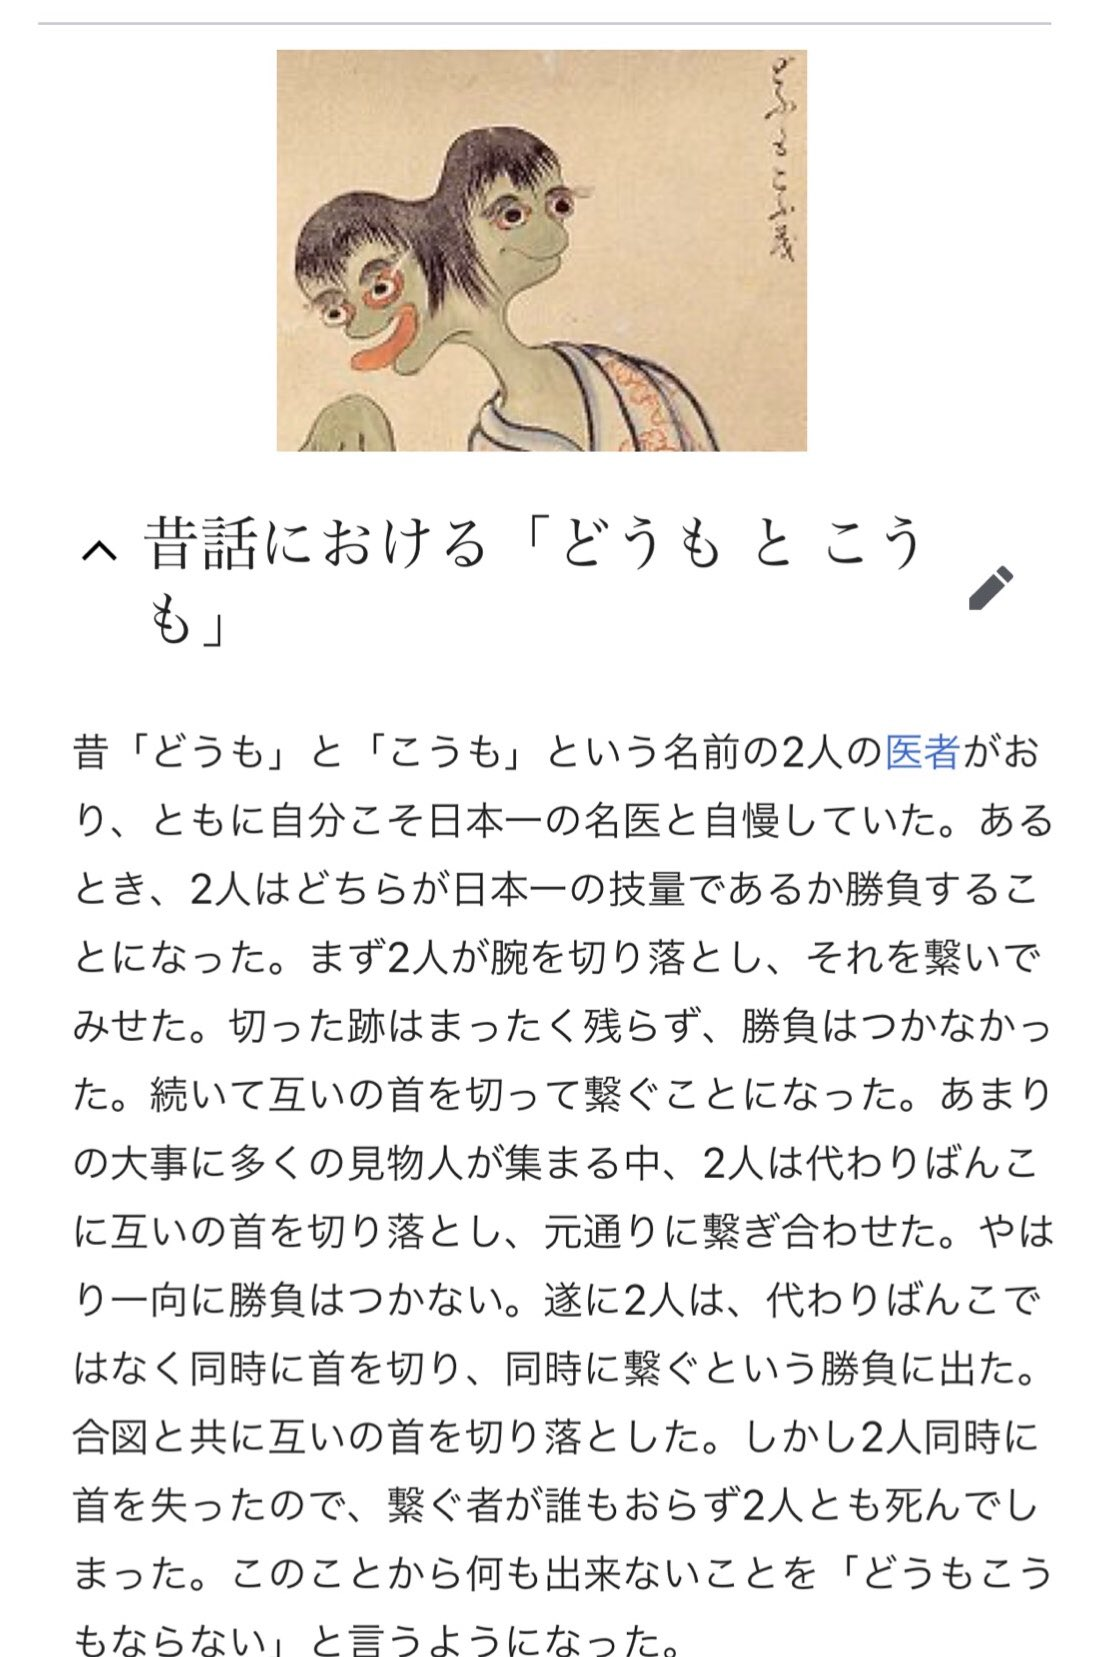 「どうもこうも」の語源が怖すぎてWikipedia読みながら本気で泣きそう